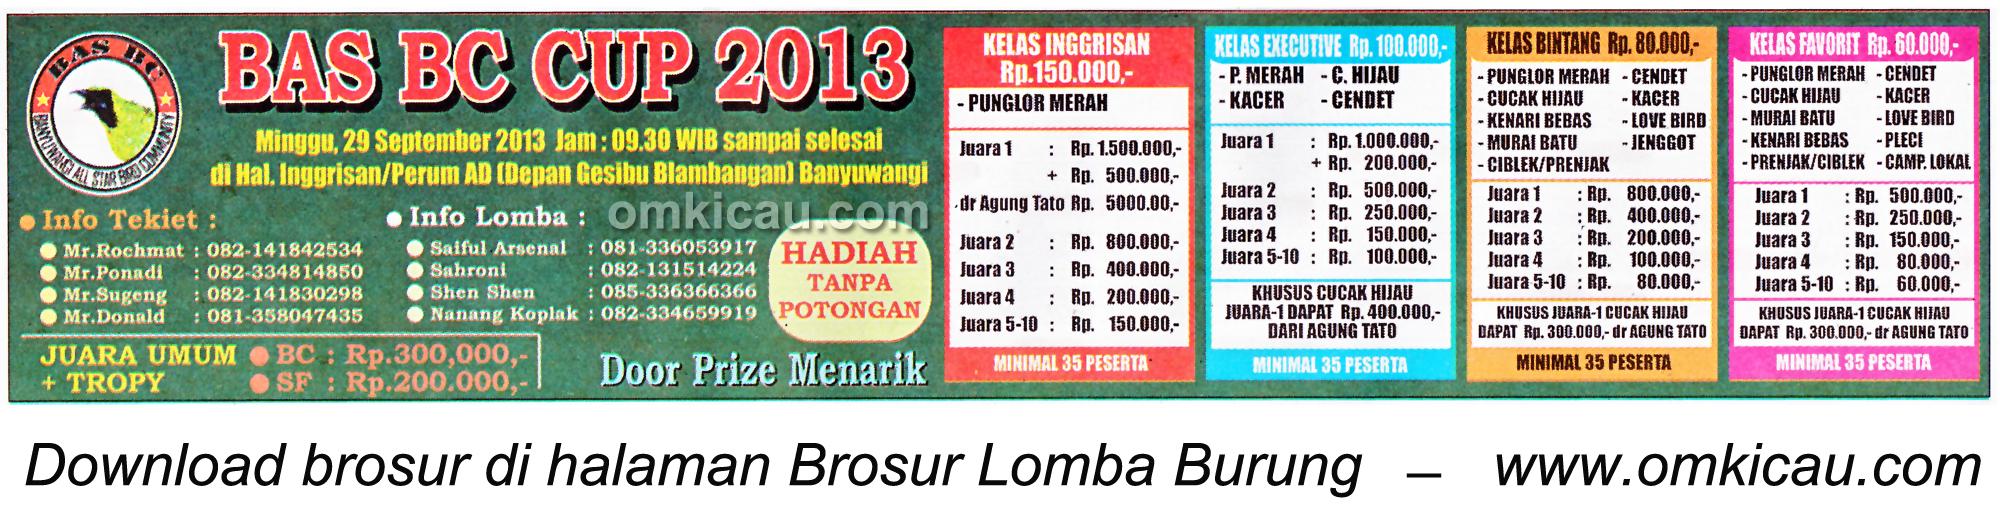 Brosur Lomba Burung Berkicau BAS BC Cup, Banyuwangi, 29 September 2013